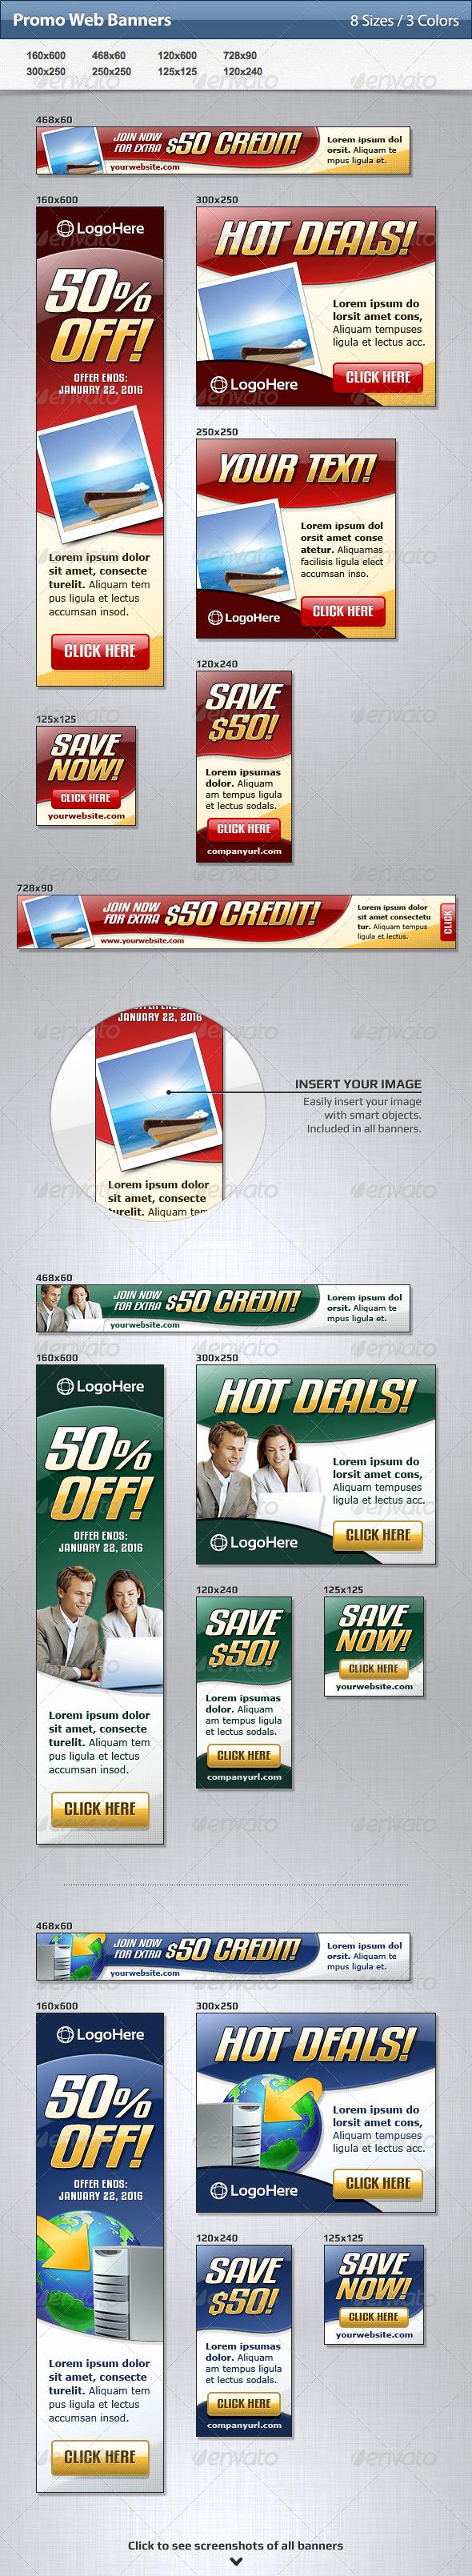 GraphicRiver Promo Web Banners 4730492